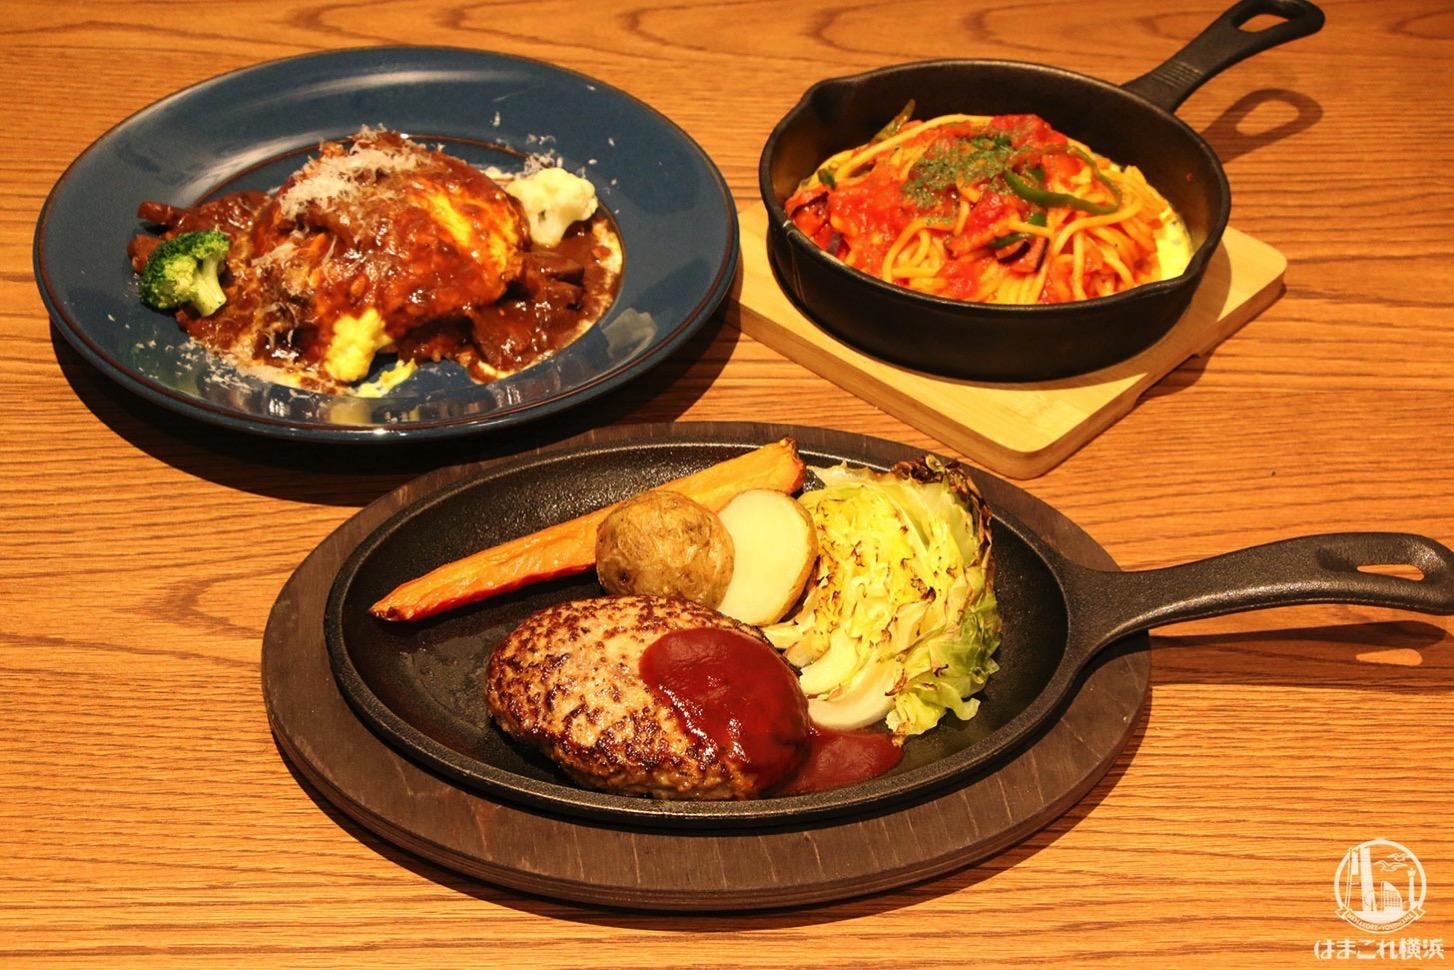 横浜 ニコアンドキッチンで限定ニコパンや洋食提供!ニコアンドの世界観広がる